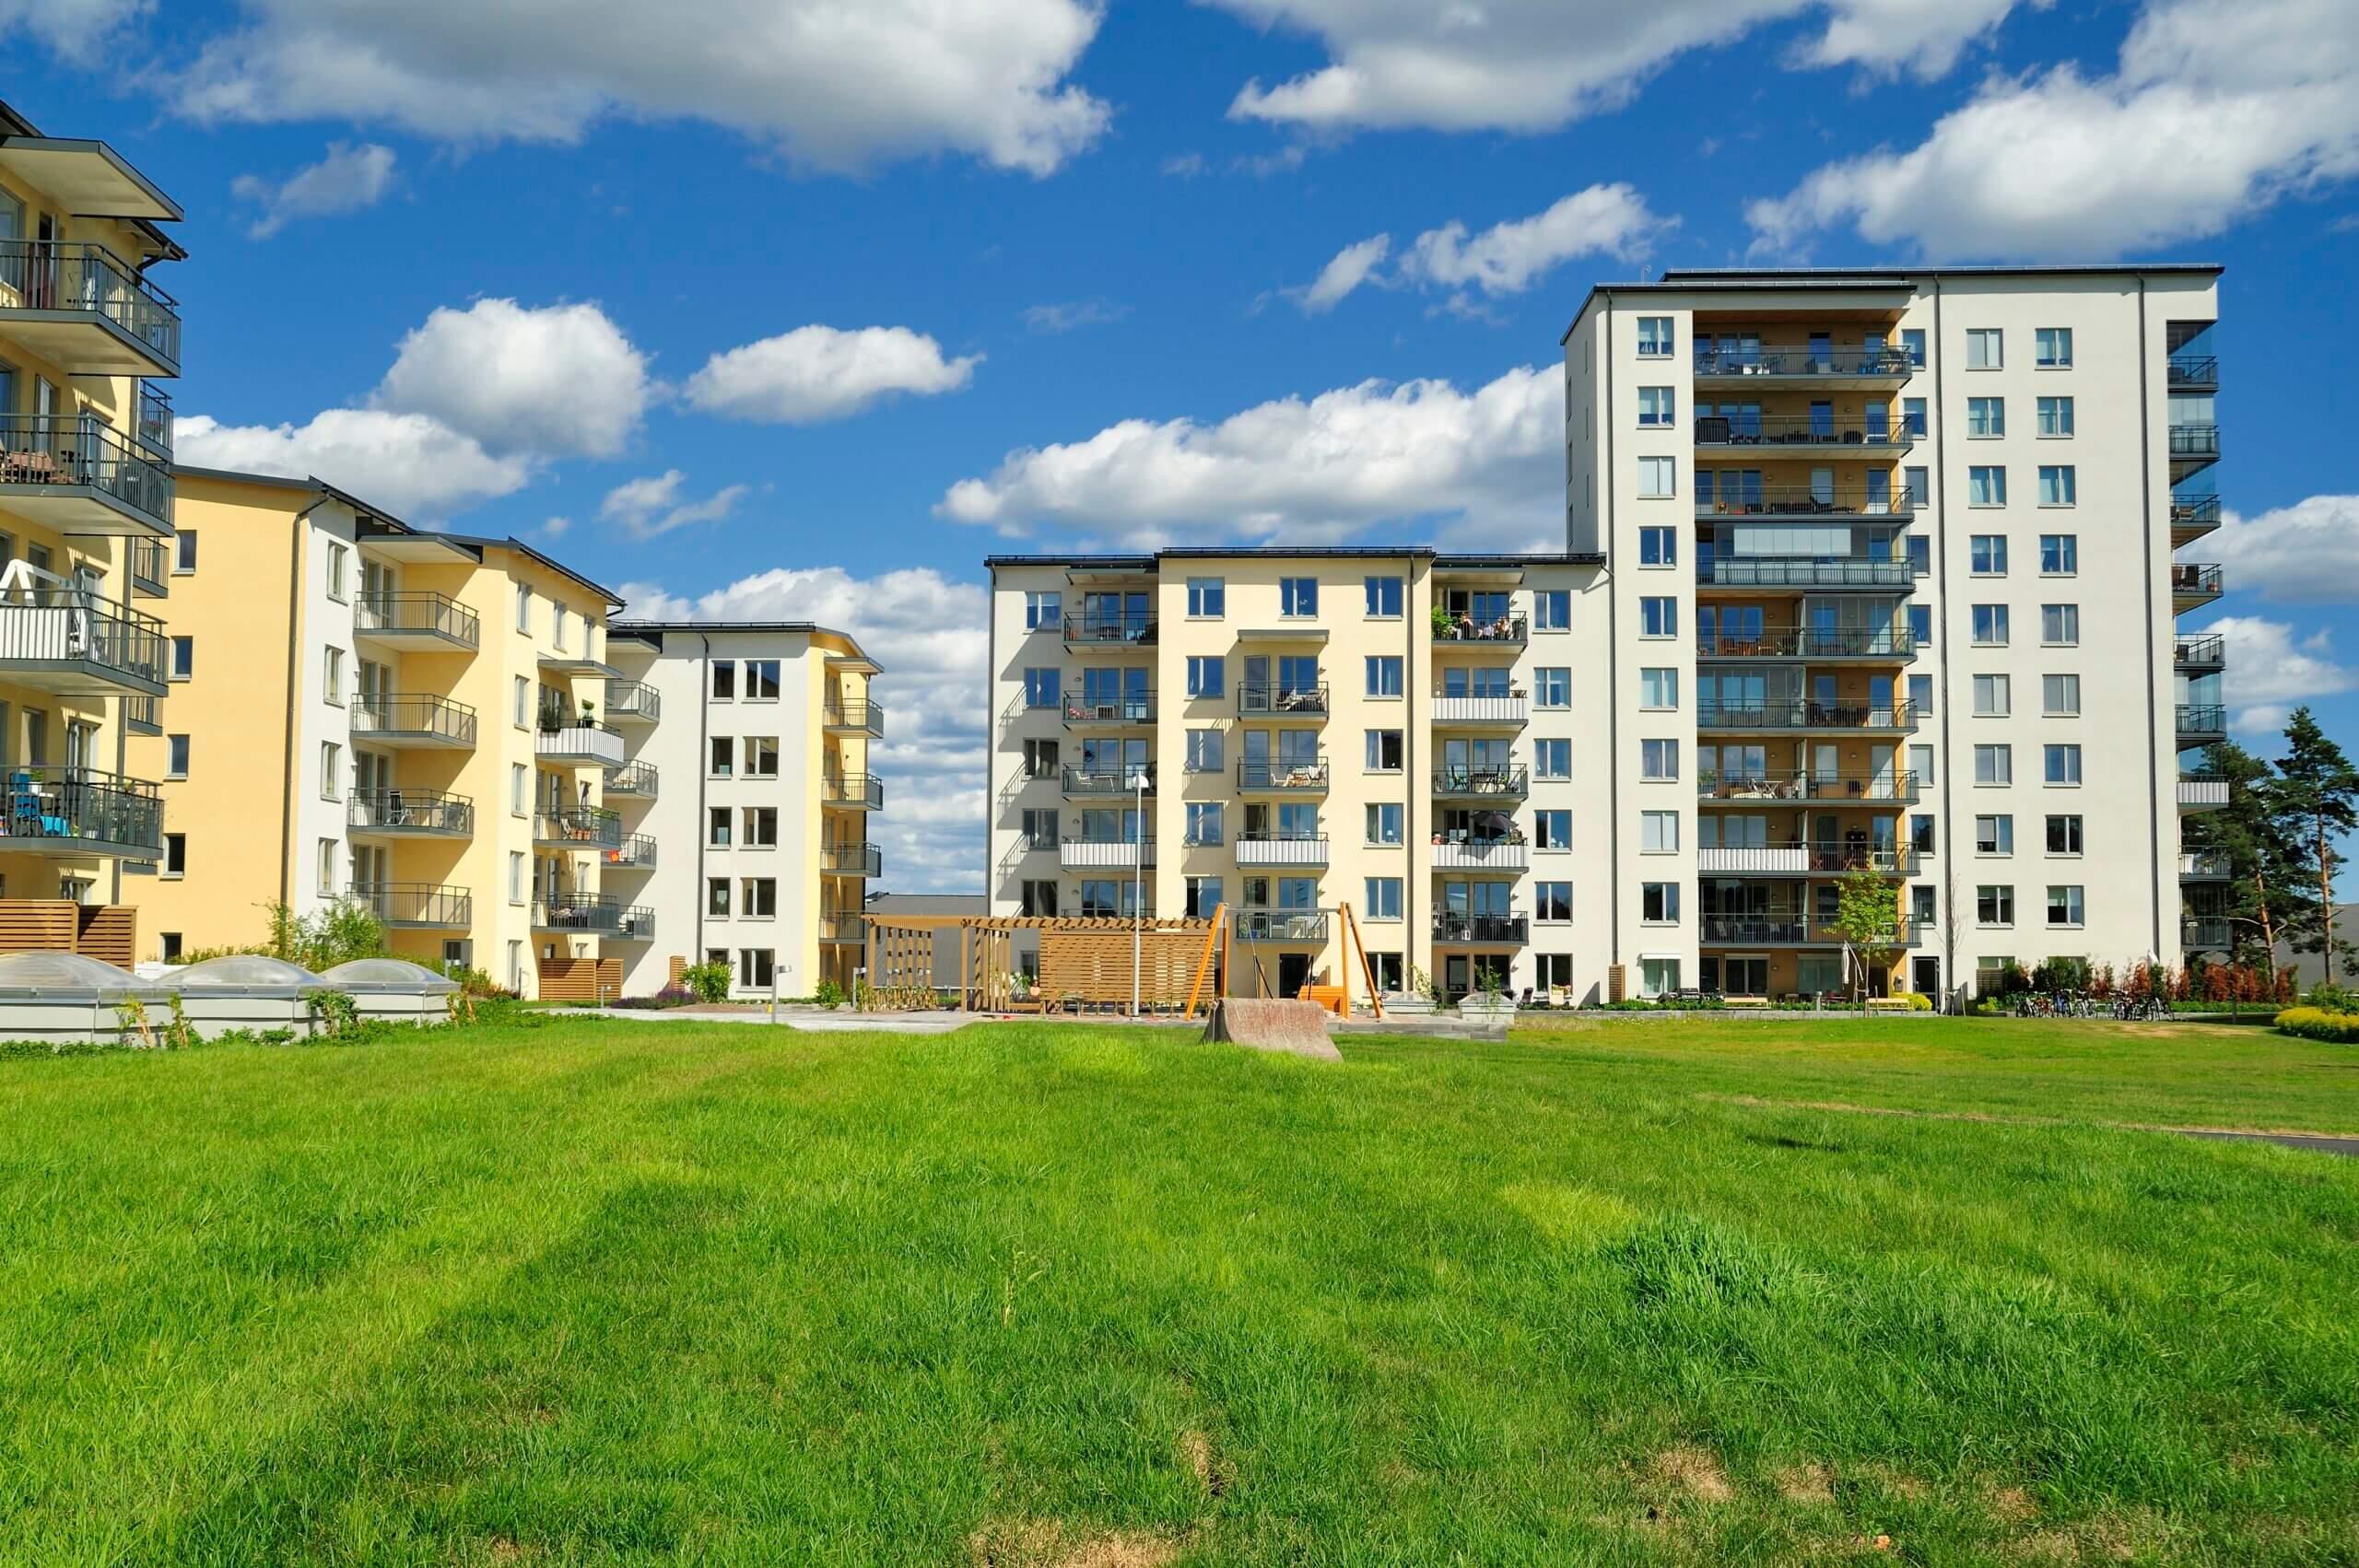 Befektetést vagy otthont keres? Nézze meg ezeket a csodás budapesti lakásokat